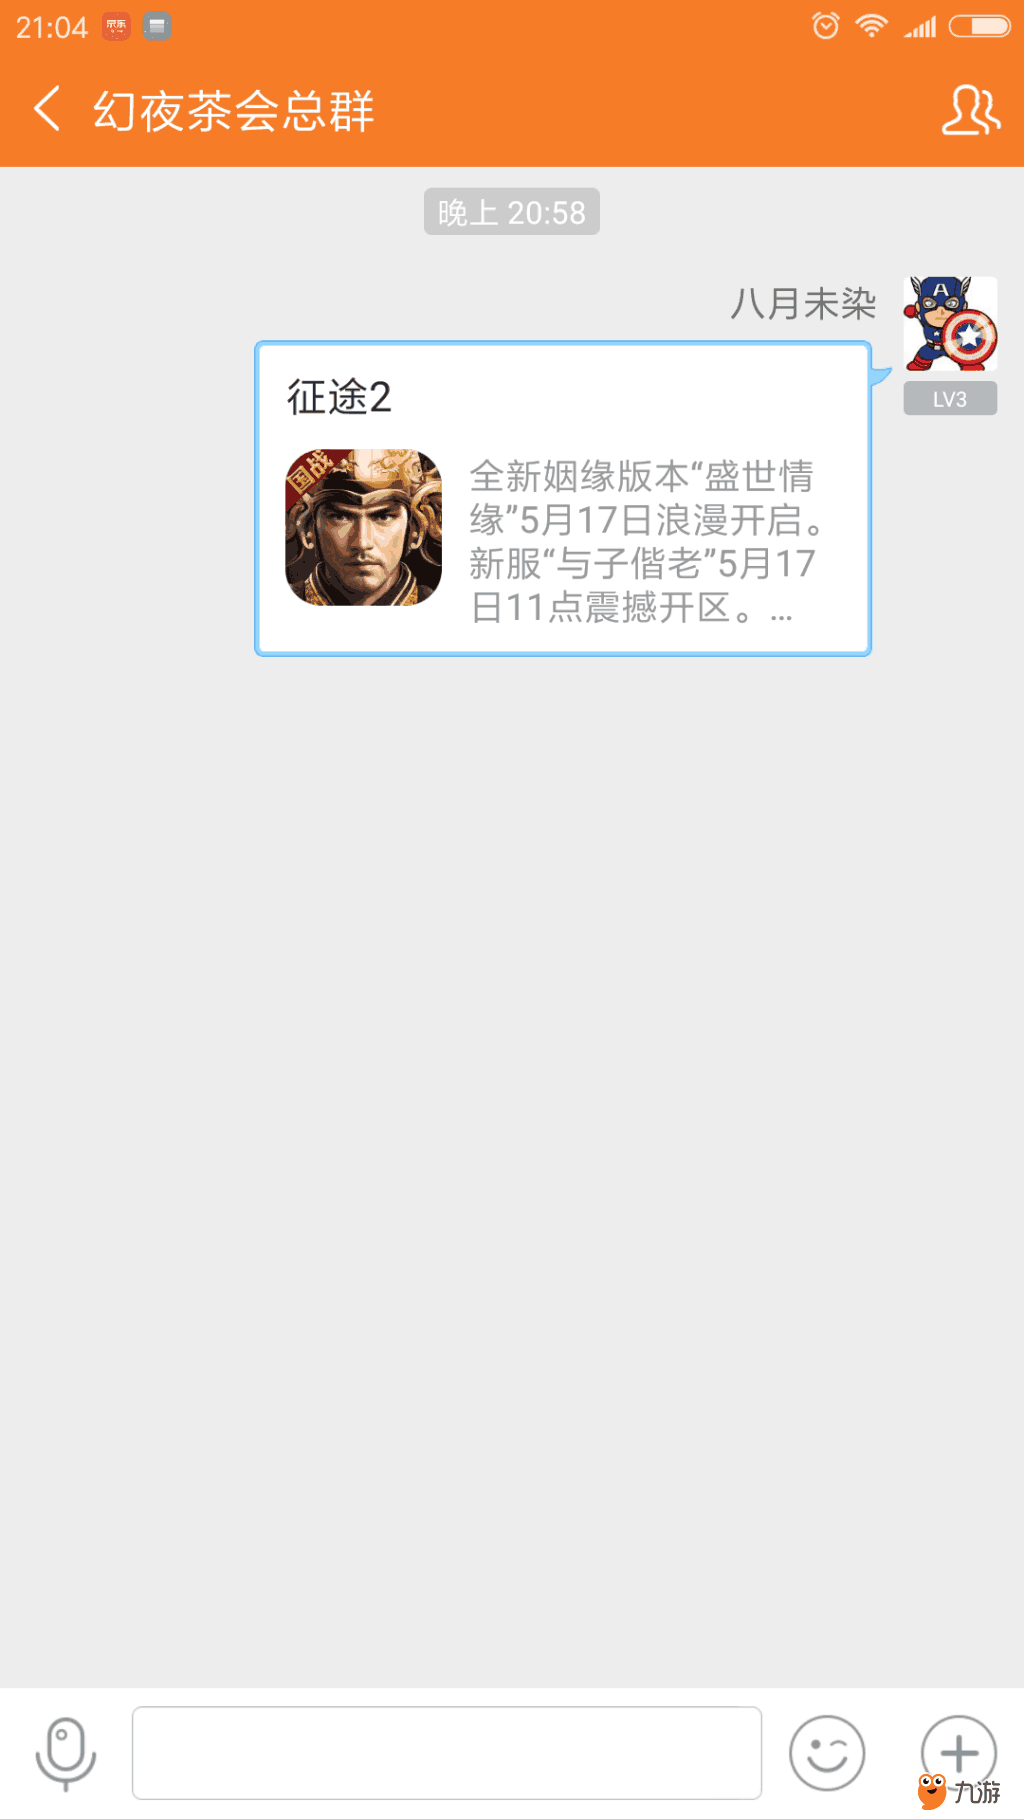 Screenshot_2018s06s14s21s04s31s984_cn.ninegame.ga.png